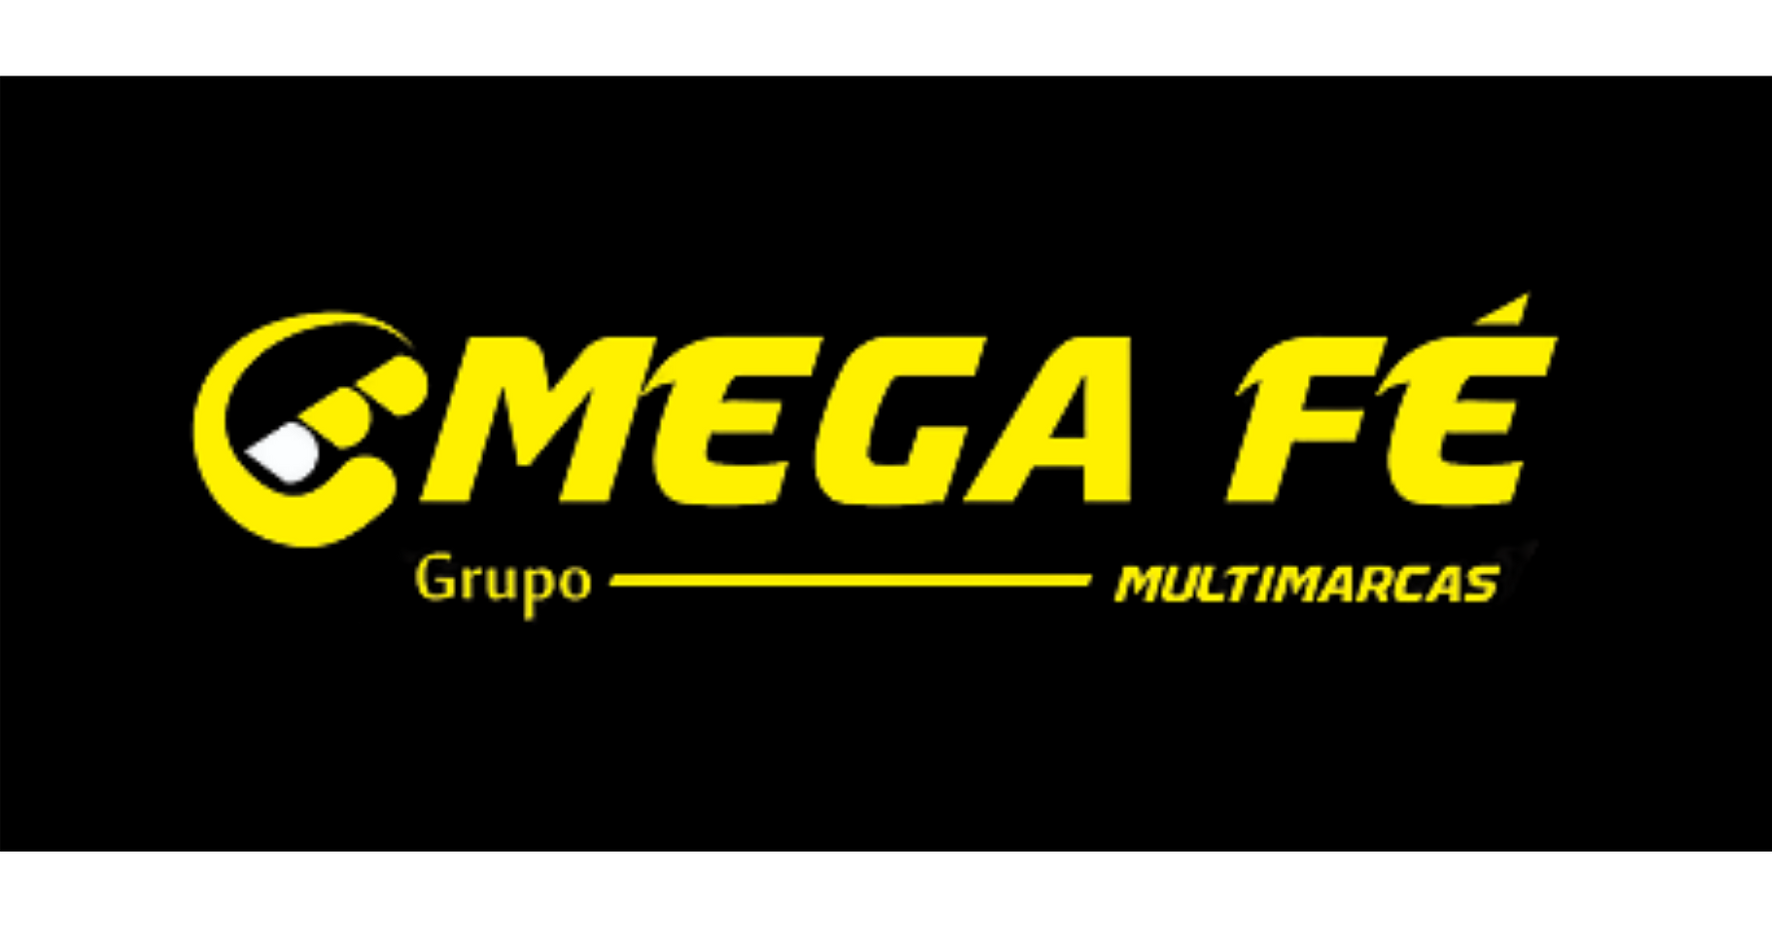 MEGA FÉ MULTIMARCAS